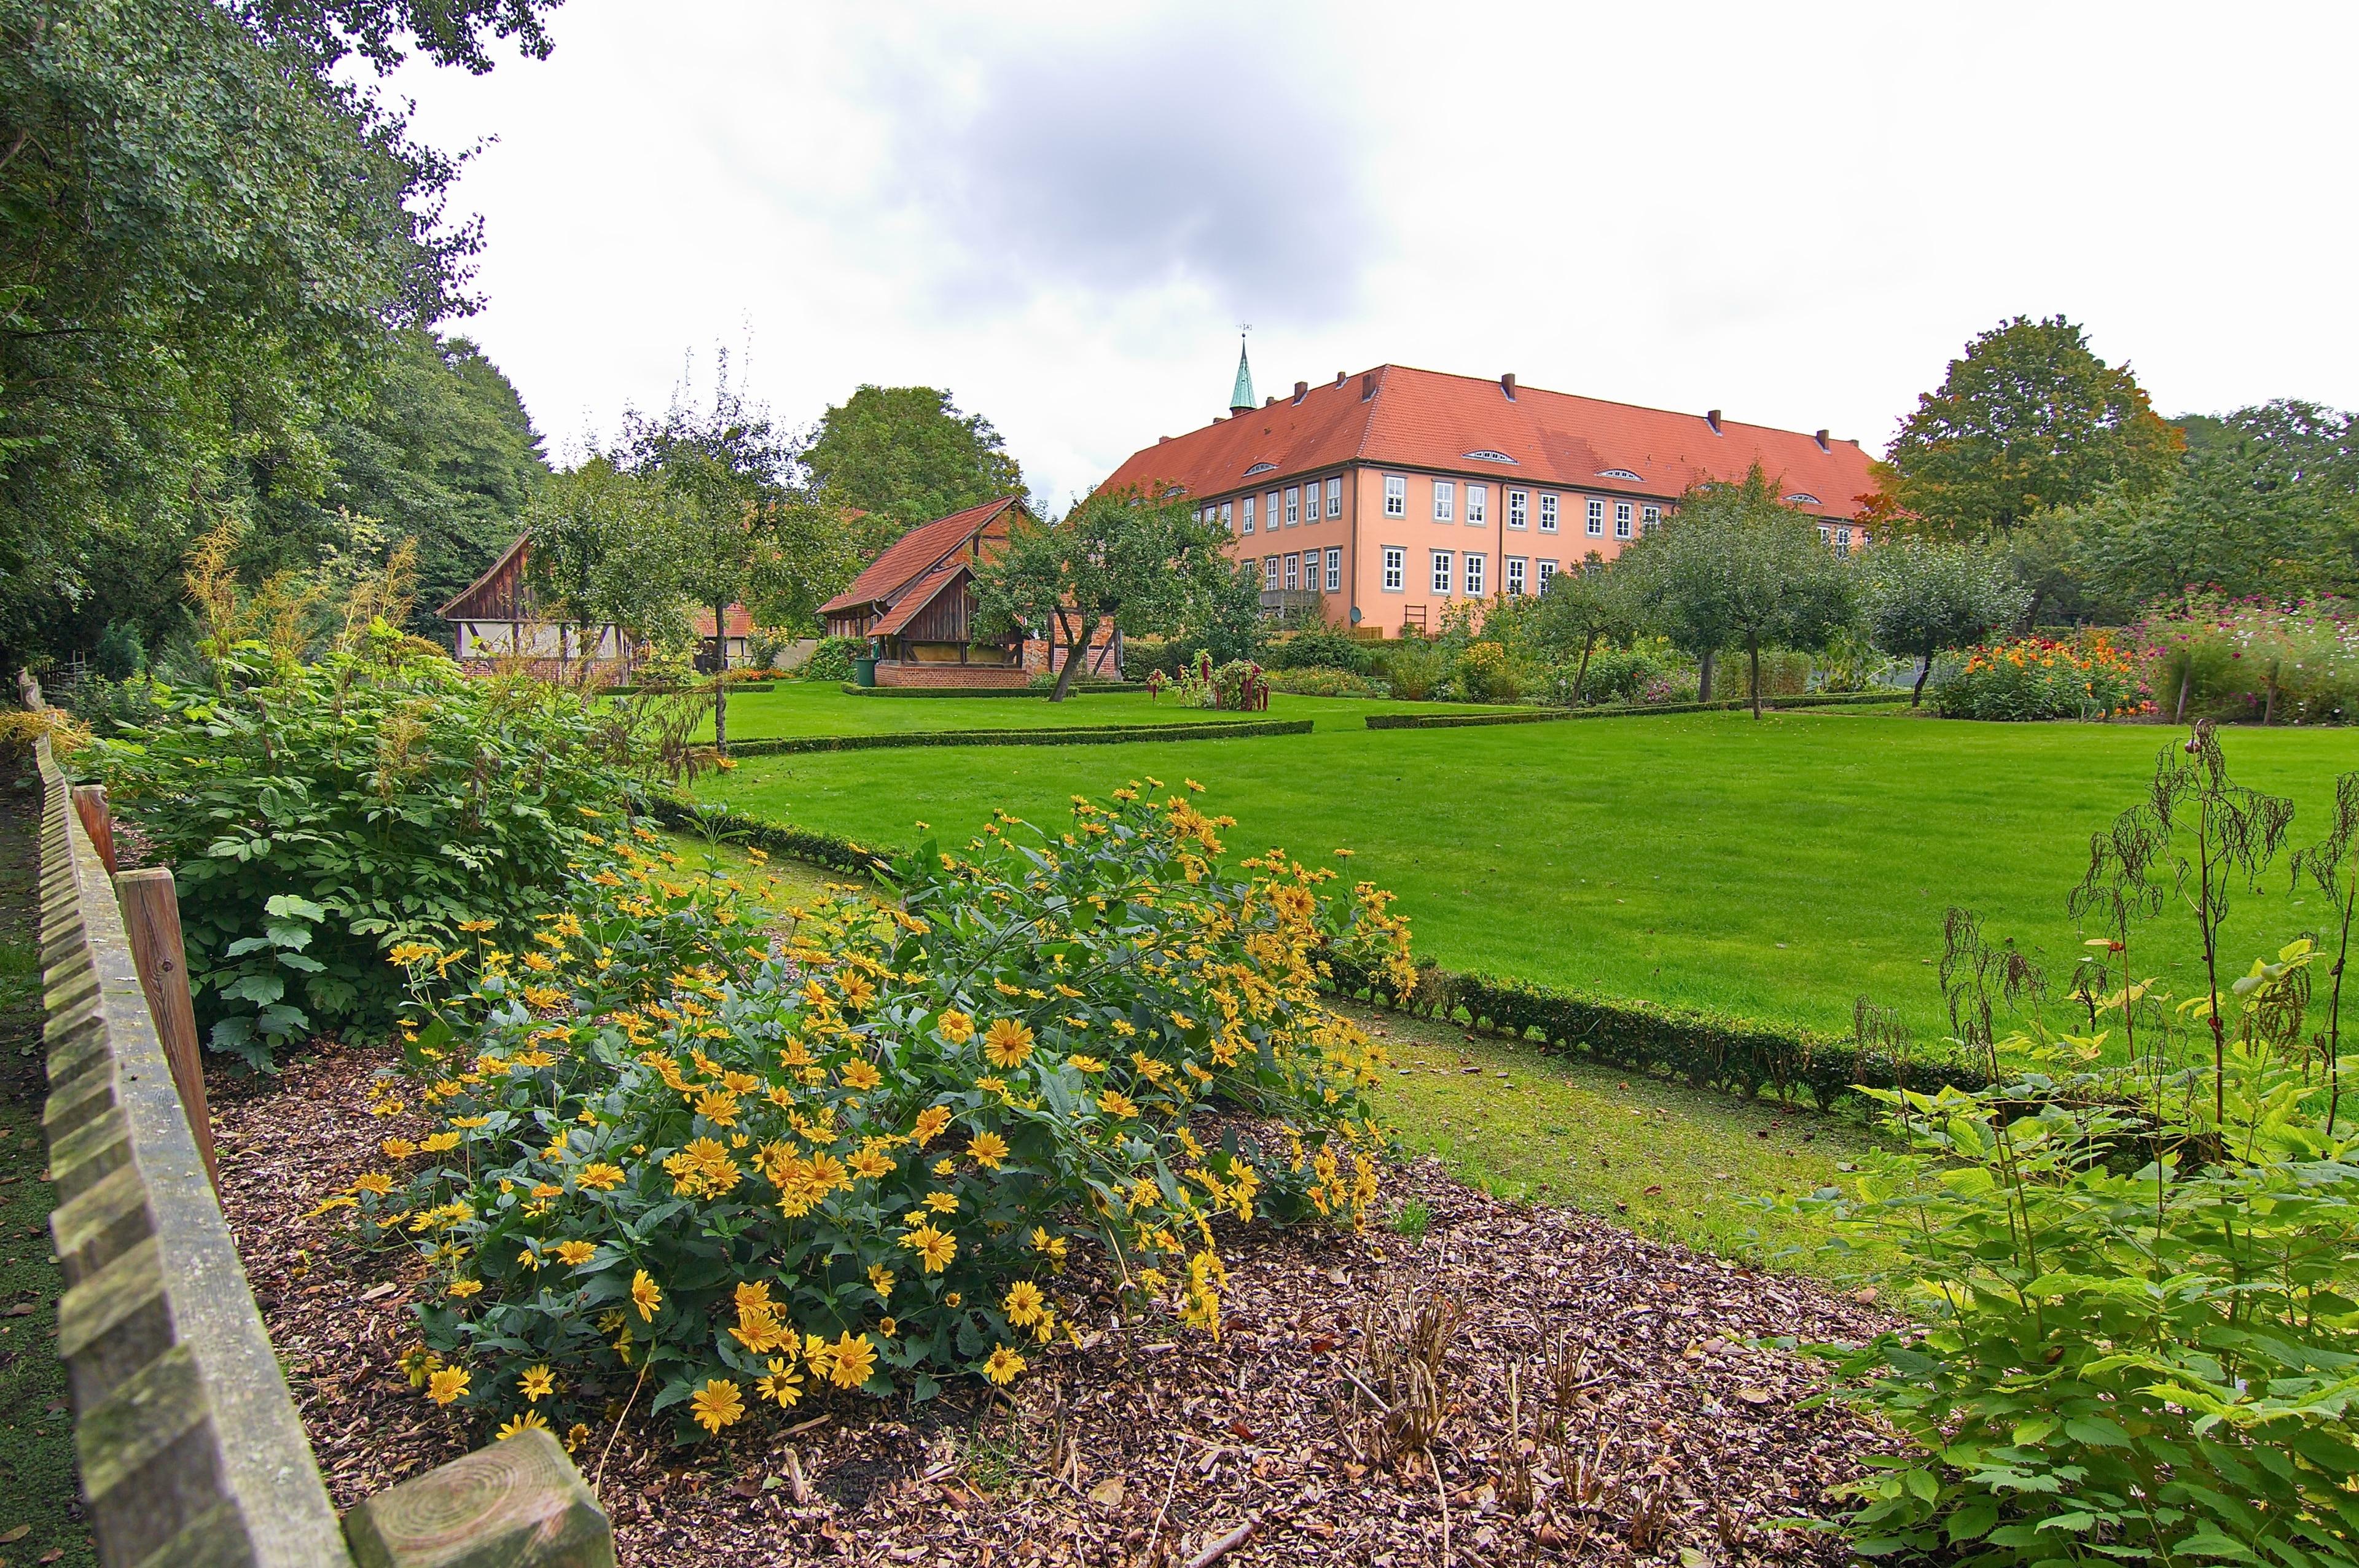 Landkreis Gifhorn, Nedersaksen, Duitsland